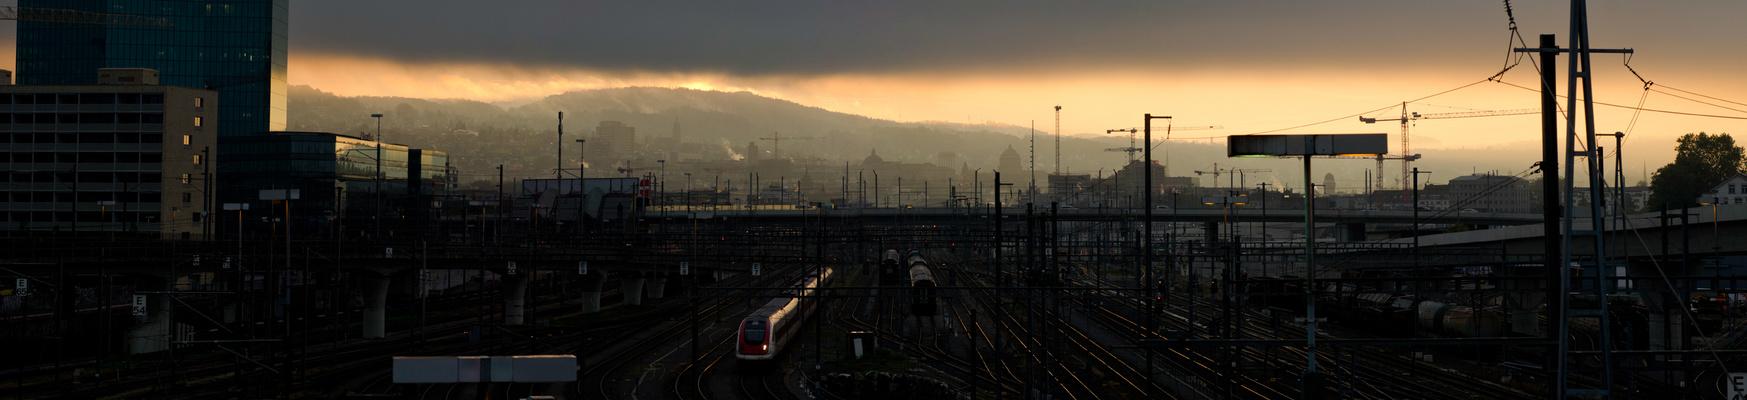 - Zürich erwacht -